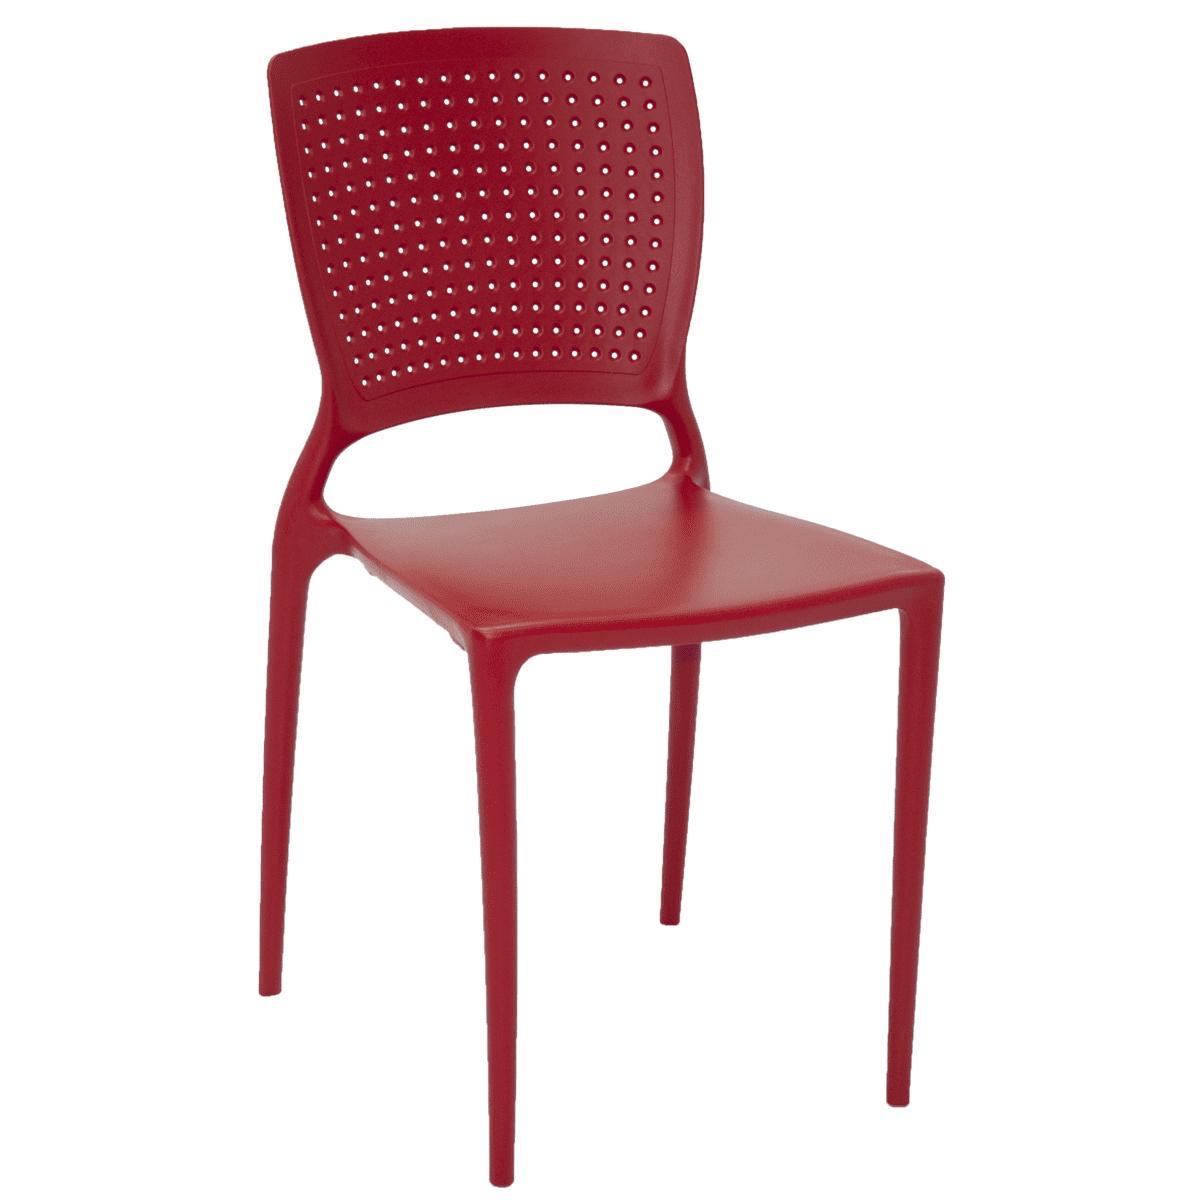 Cadeira Tramontina Safira Vermelho 92048/040 1 Peça  - Casa Mattos